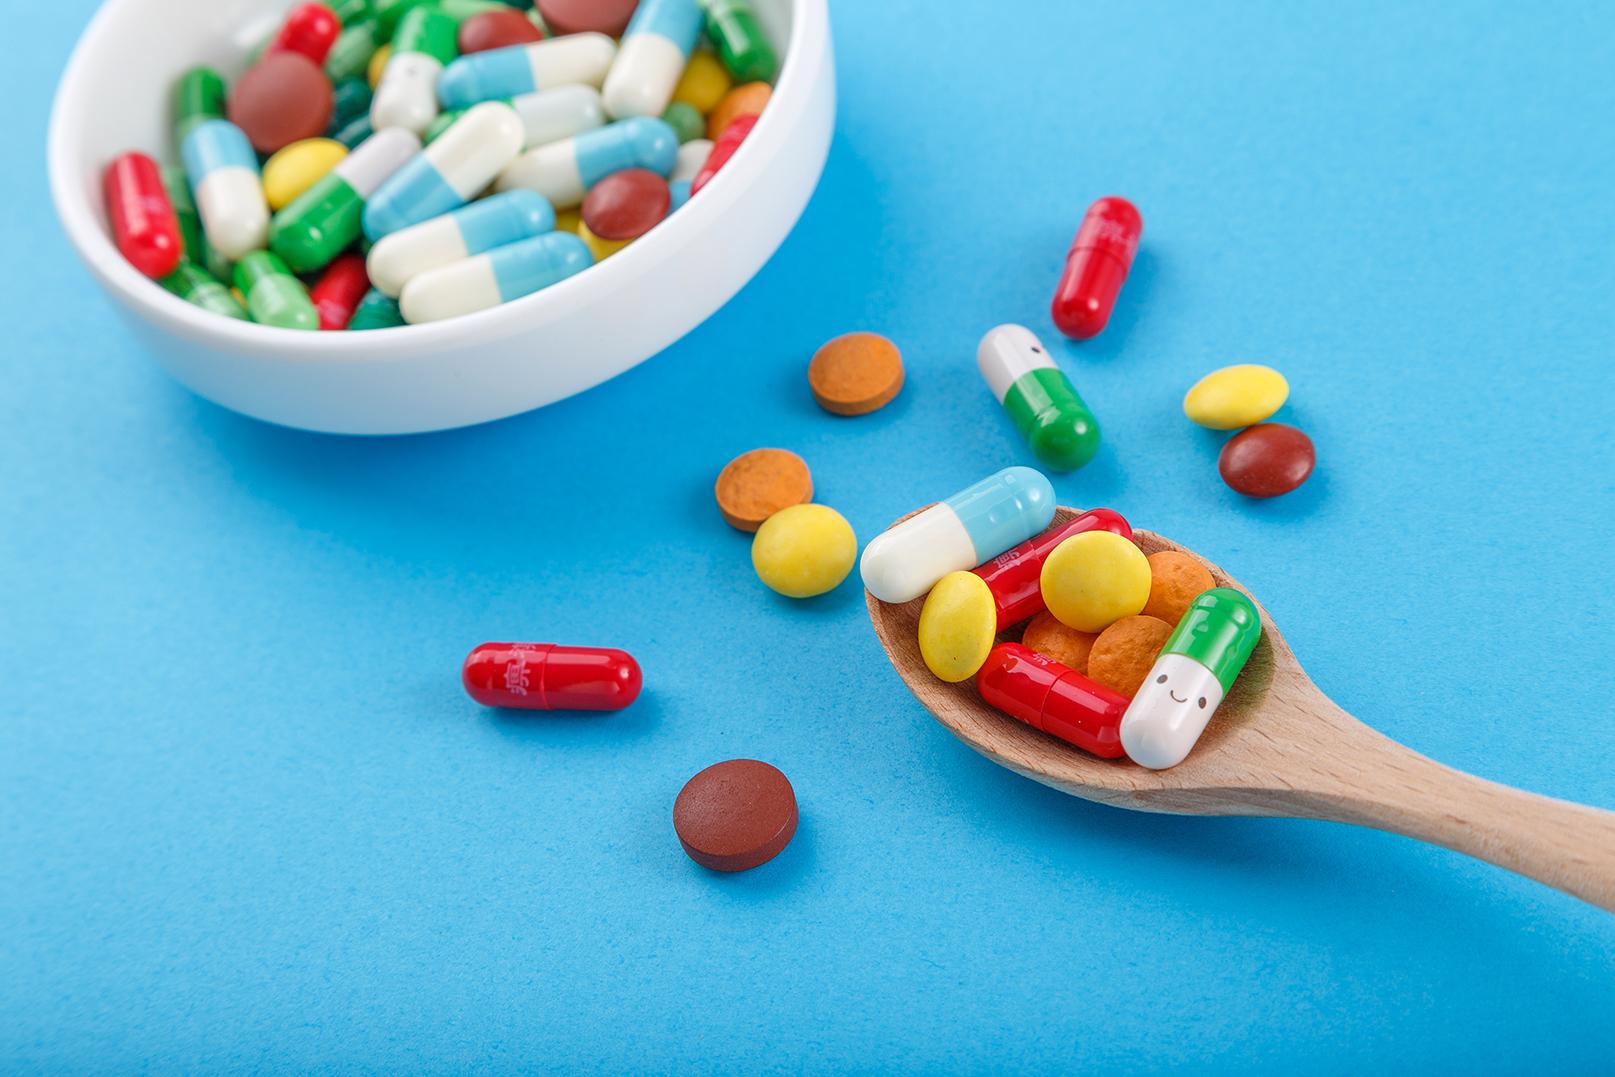 药品管理法修订草案提请三审 重新界定假药劣药范围